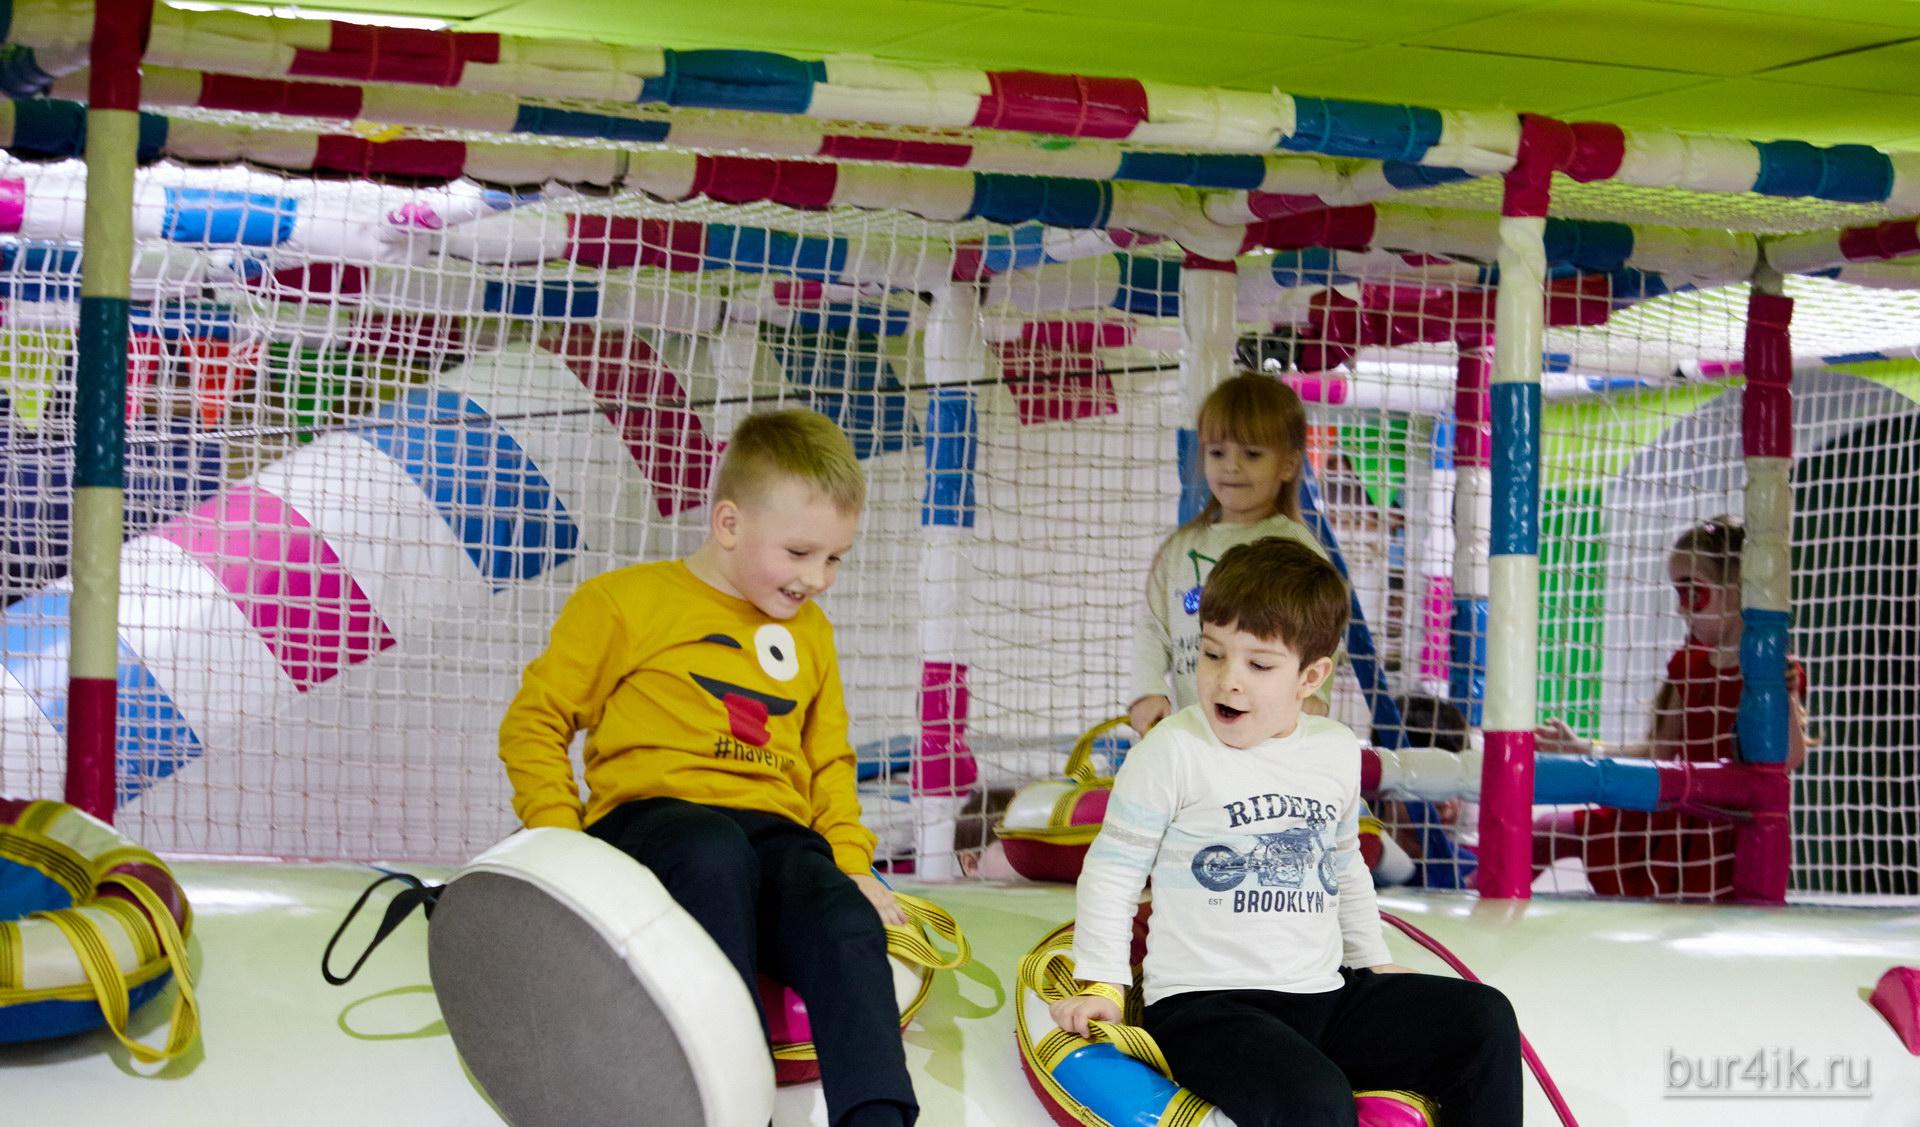 Фото Детское День Рождения в Детский Дворик 15.01.2020 №332 -photo- bur4ik.ru